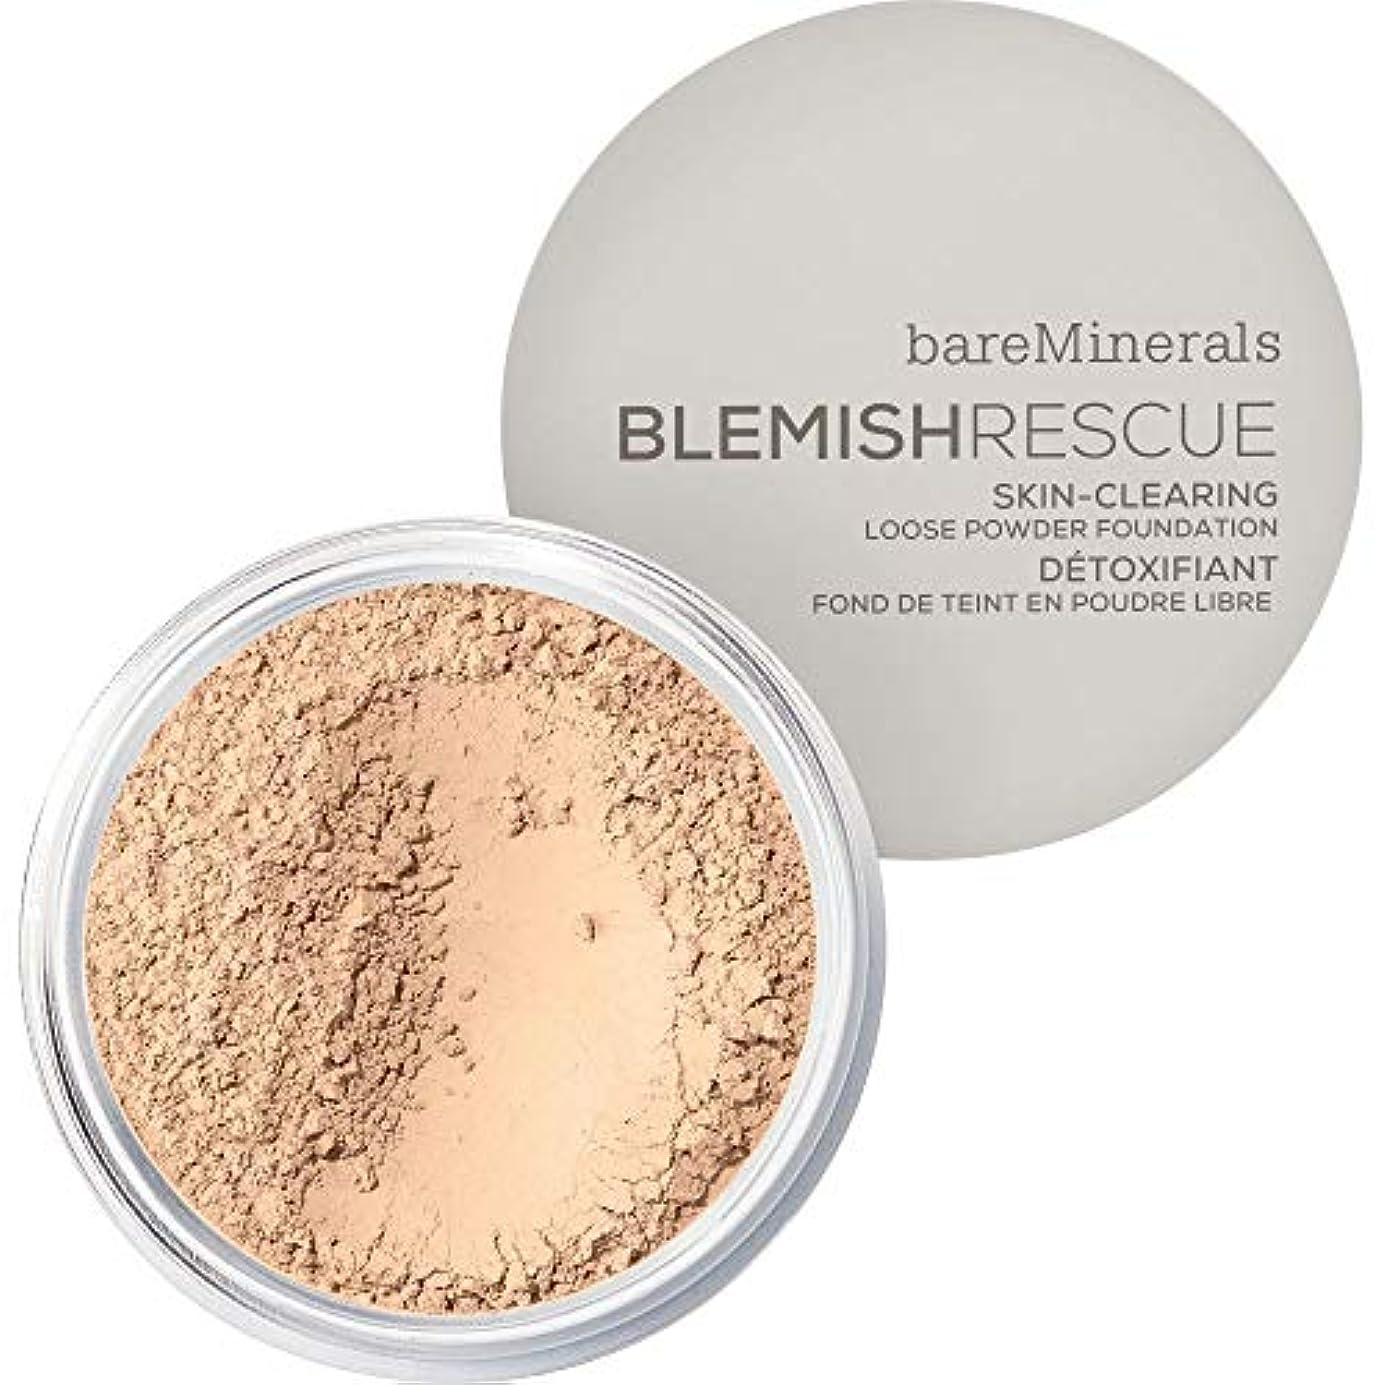 合体大いに暴行[bareMinerals ] かなり光 - ベアミネラルは、レスキュースキンクリア緩いパウダーファンデーション6グラム1Nwが傷 - bareMinerals Blemish Rescue Skin-Clearing Loose Powder Foundation 6g 1NW - Fairly Light [並行輸入品]